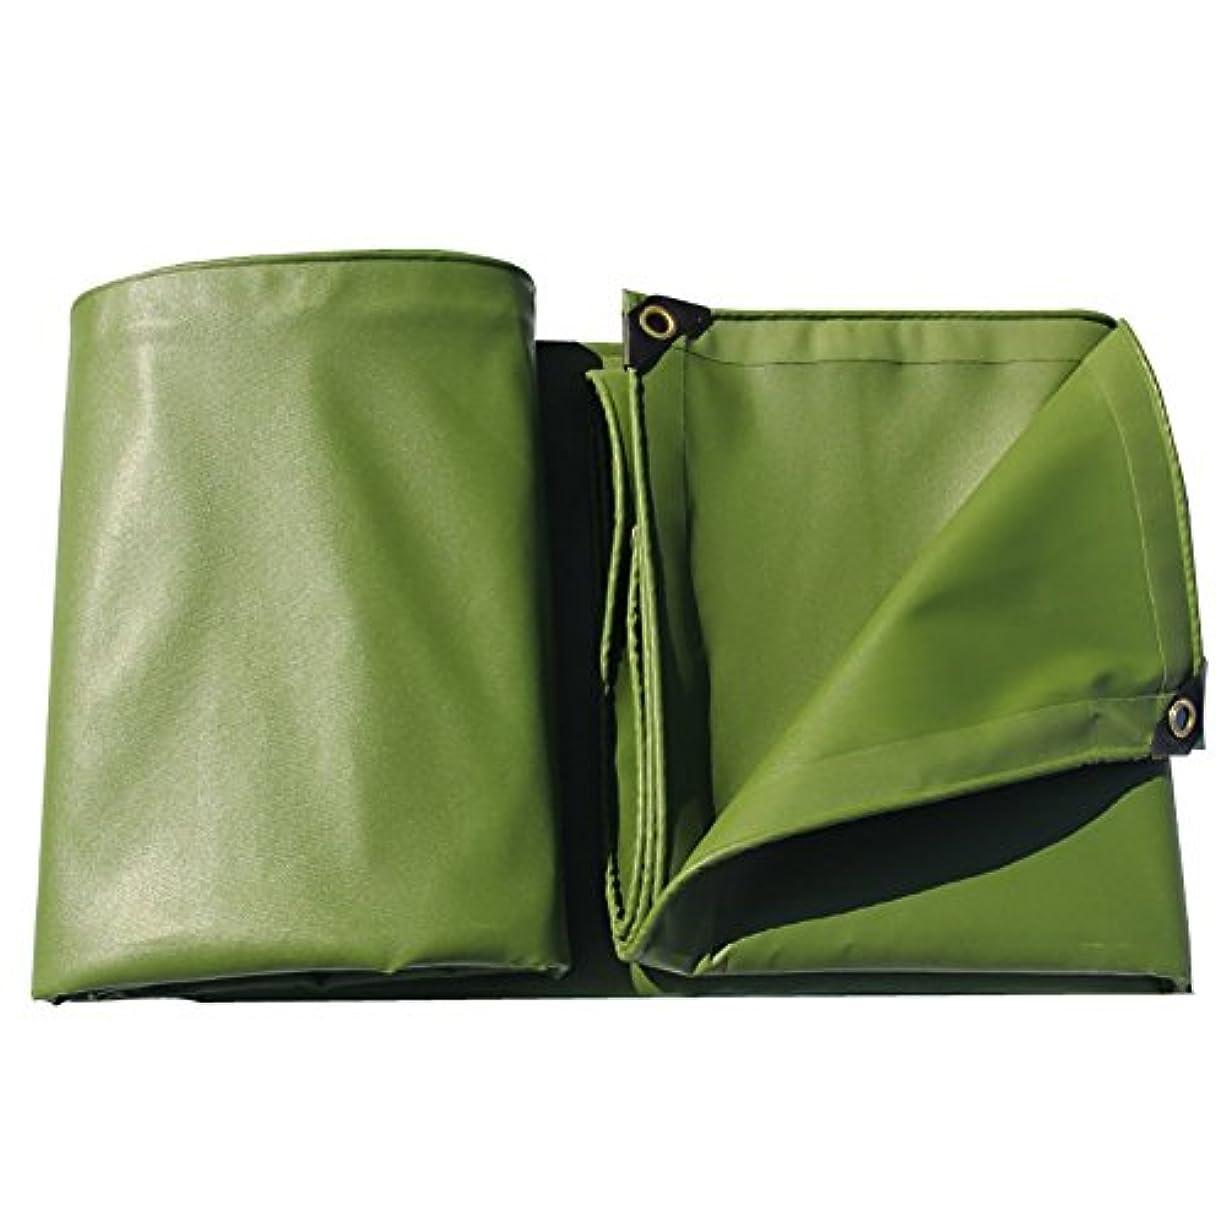 遠近法オンスアロングLixingmingqi 防水頑丈な緑の日焼け防止防塵および耐久の日よけの防水シートシート600g /㎡